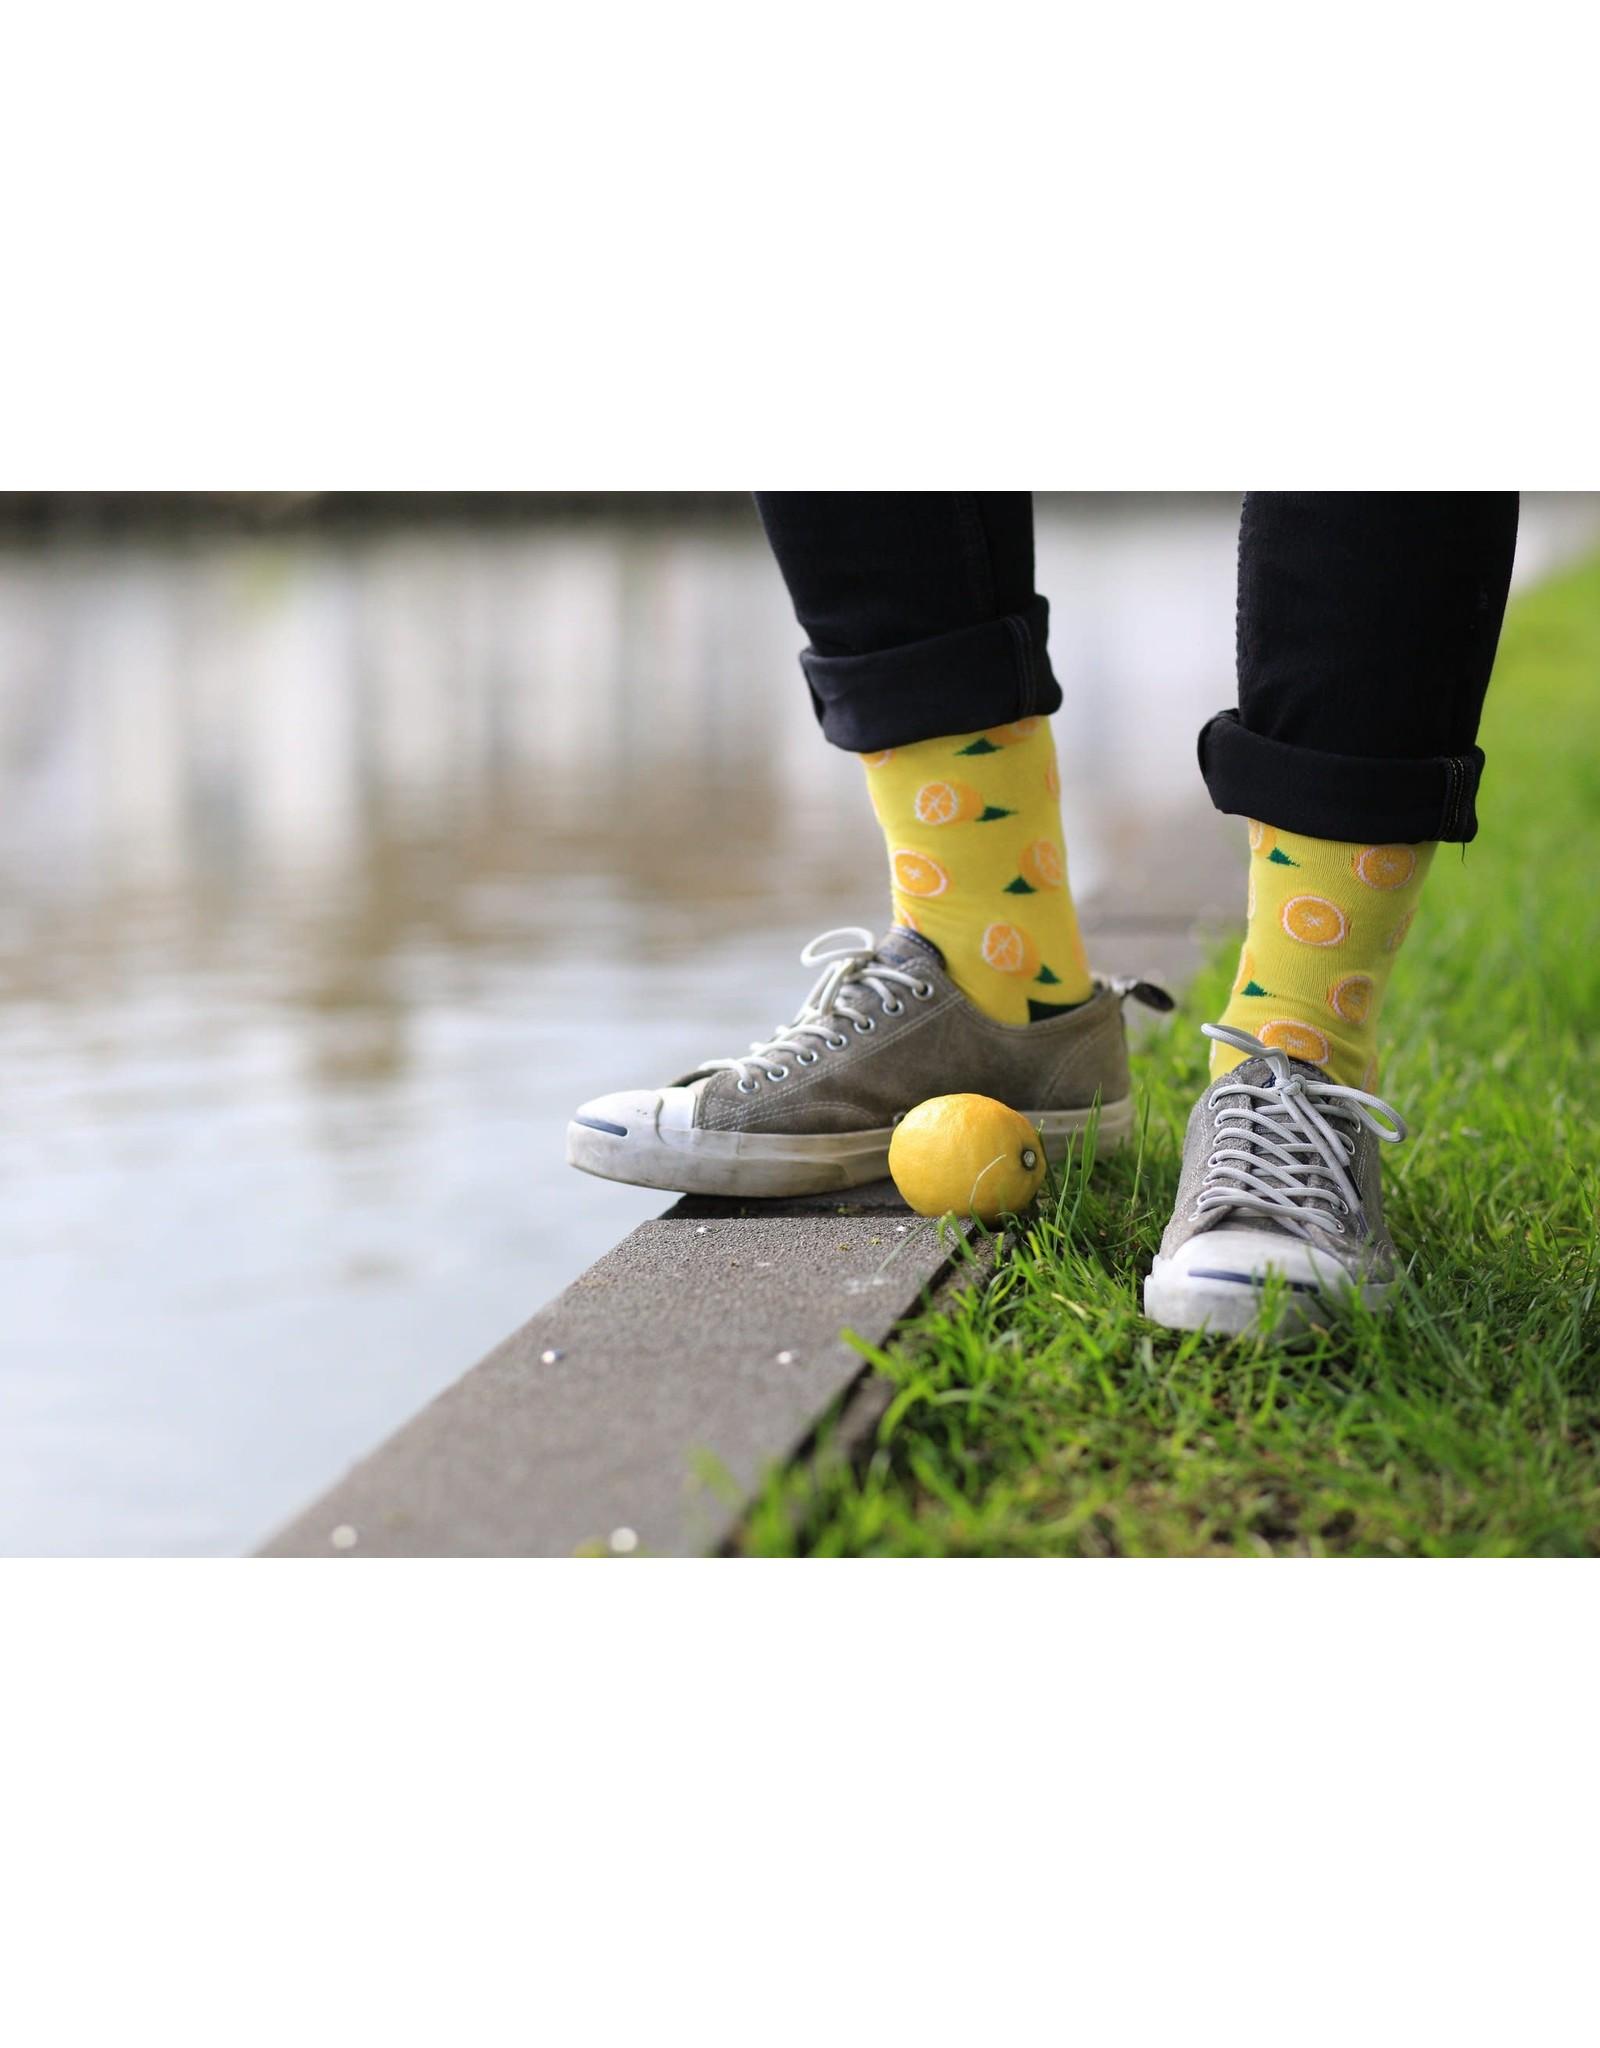 Moustard socks - lemons (41-46)